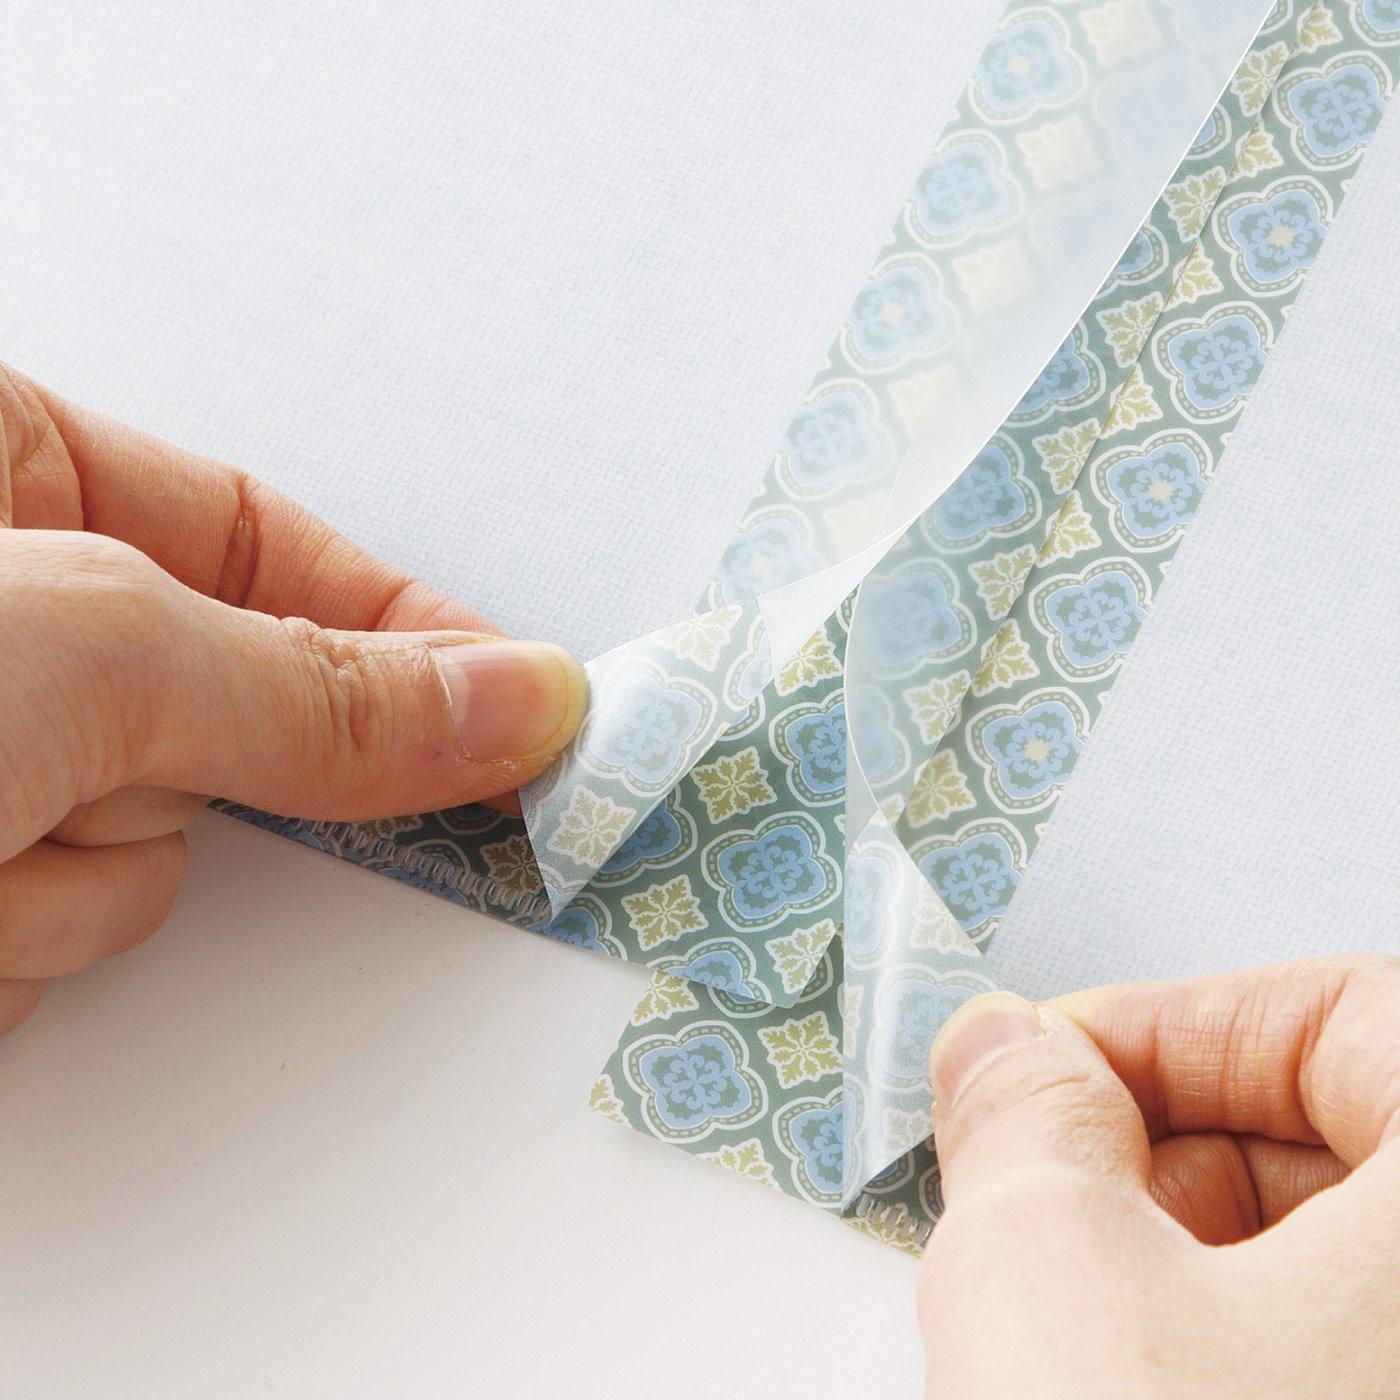 スリットが入っているので2枚をひとつにつなげられ、四つ切り画用紙サイズに対応。絵を飾るのにもぴったり。